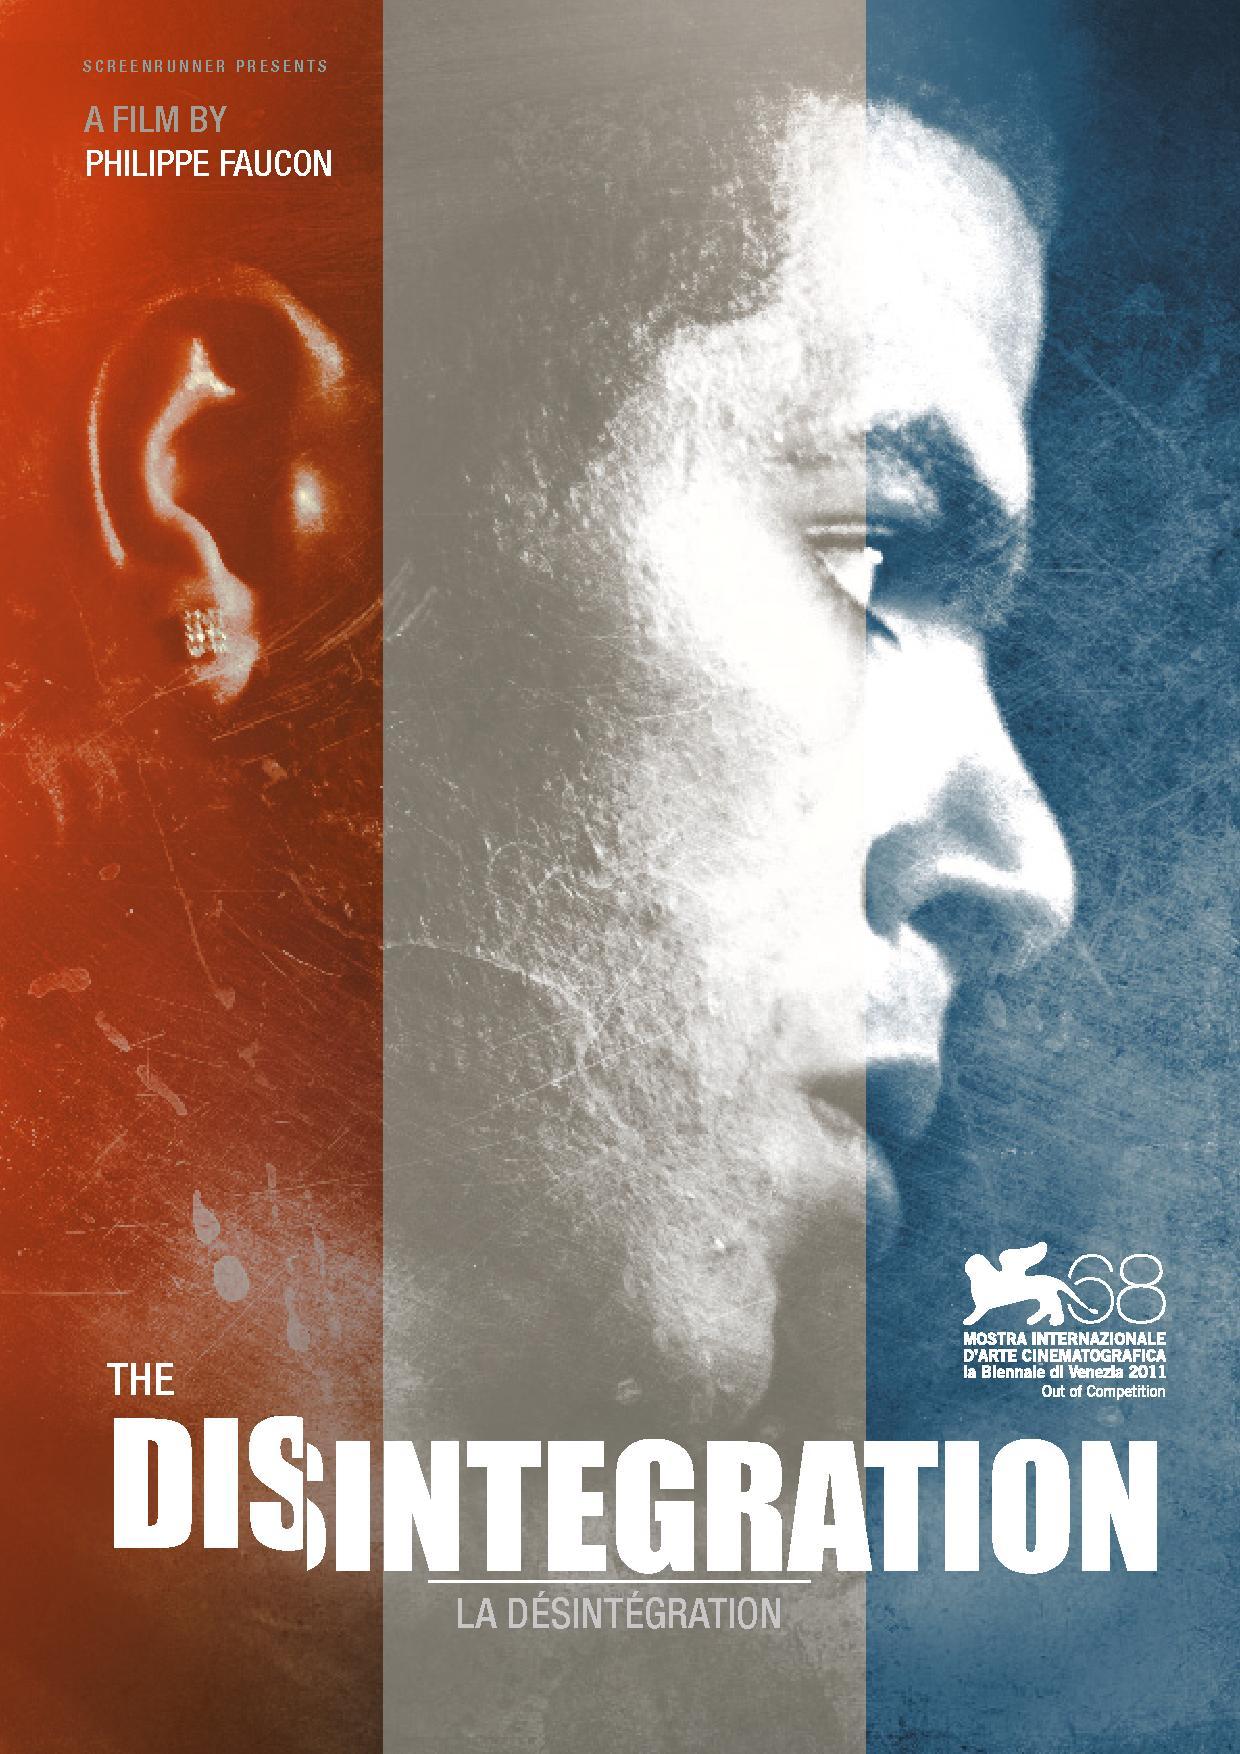 La désintégration